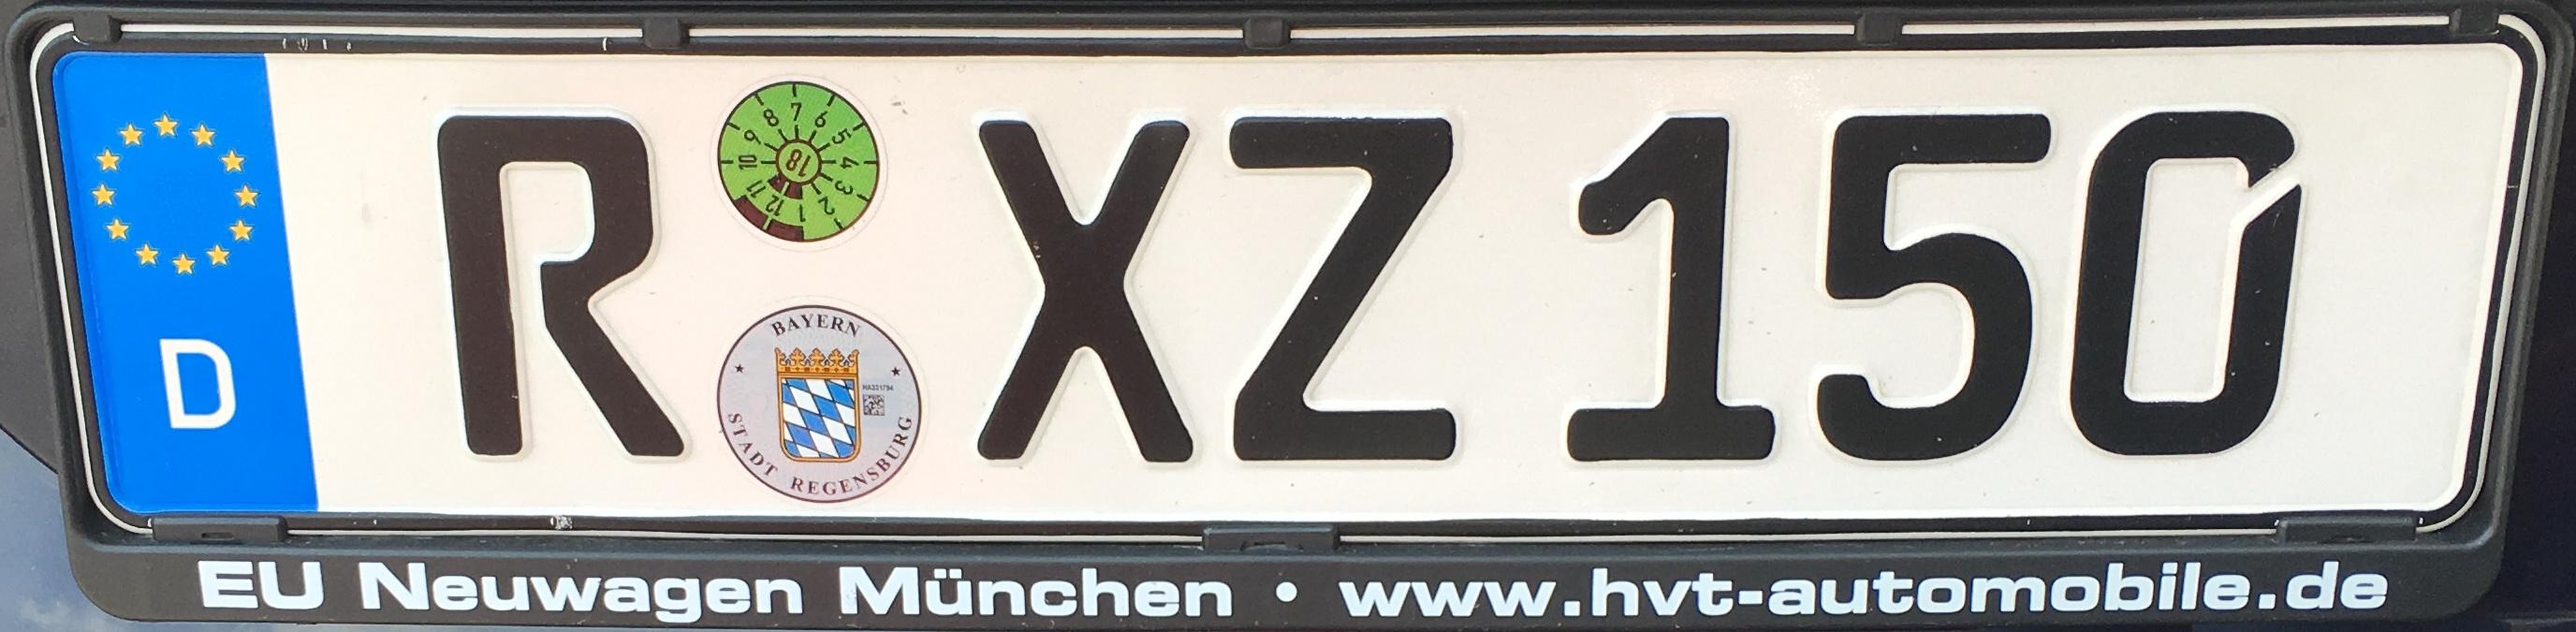 Registrační značky Německo - R - Regensburg, foto: vlastní